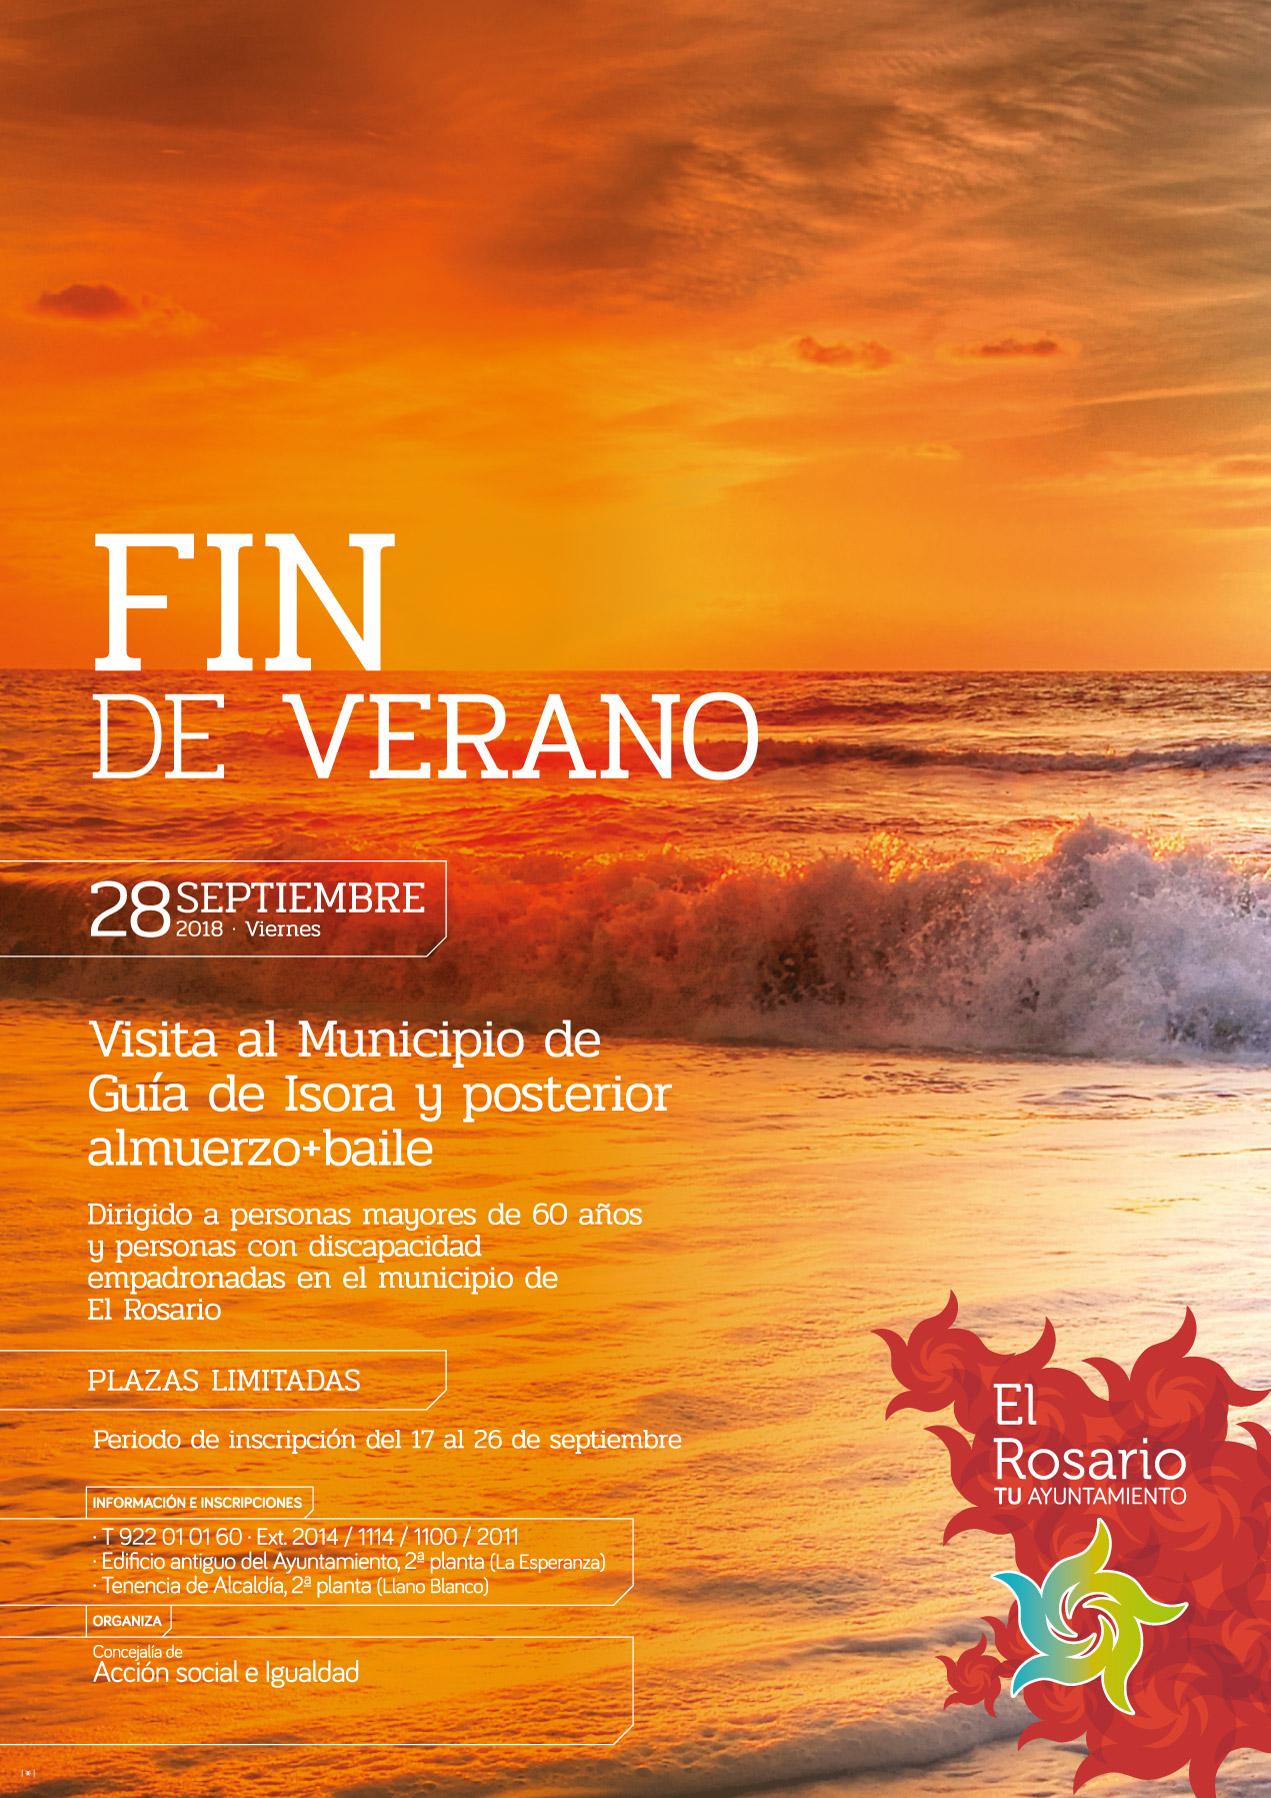 FIN_DE_VERANO-20180928-CARTEL_A3-20180917-01af-redes